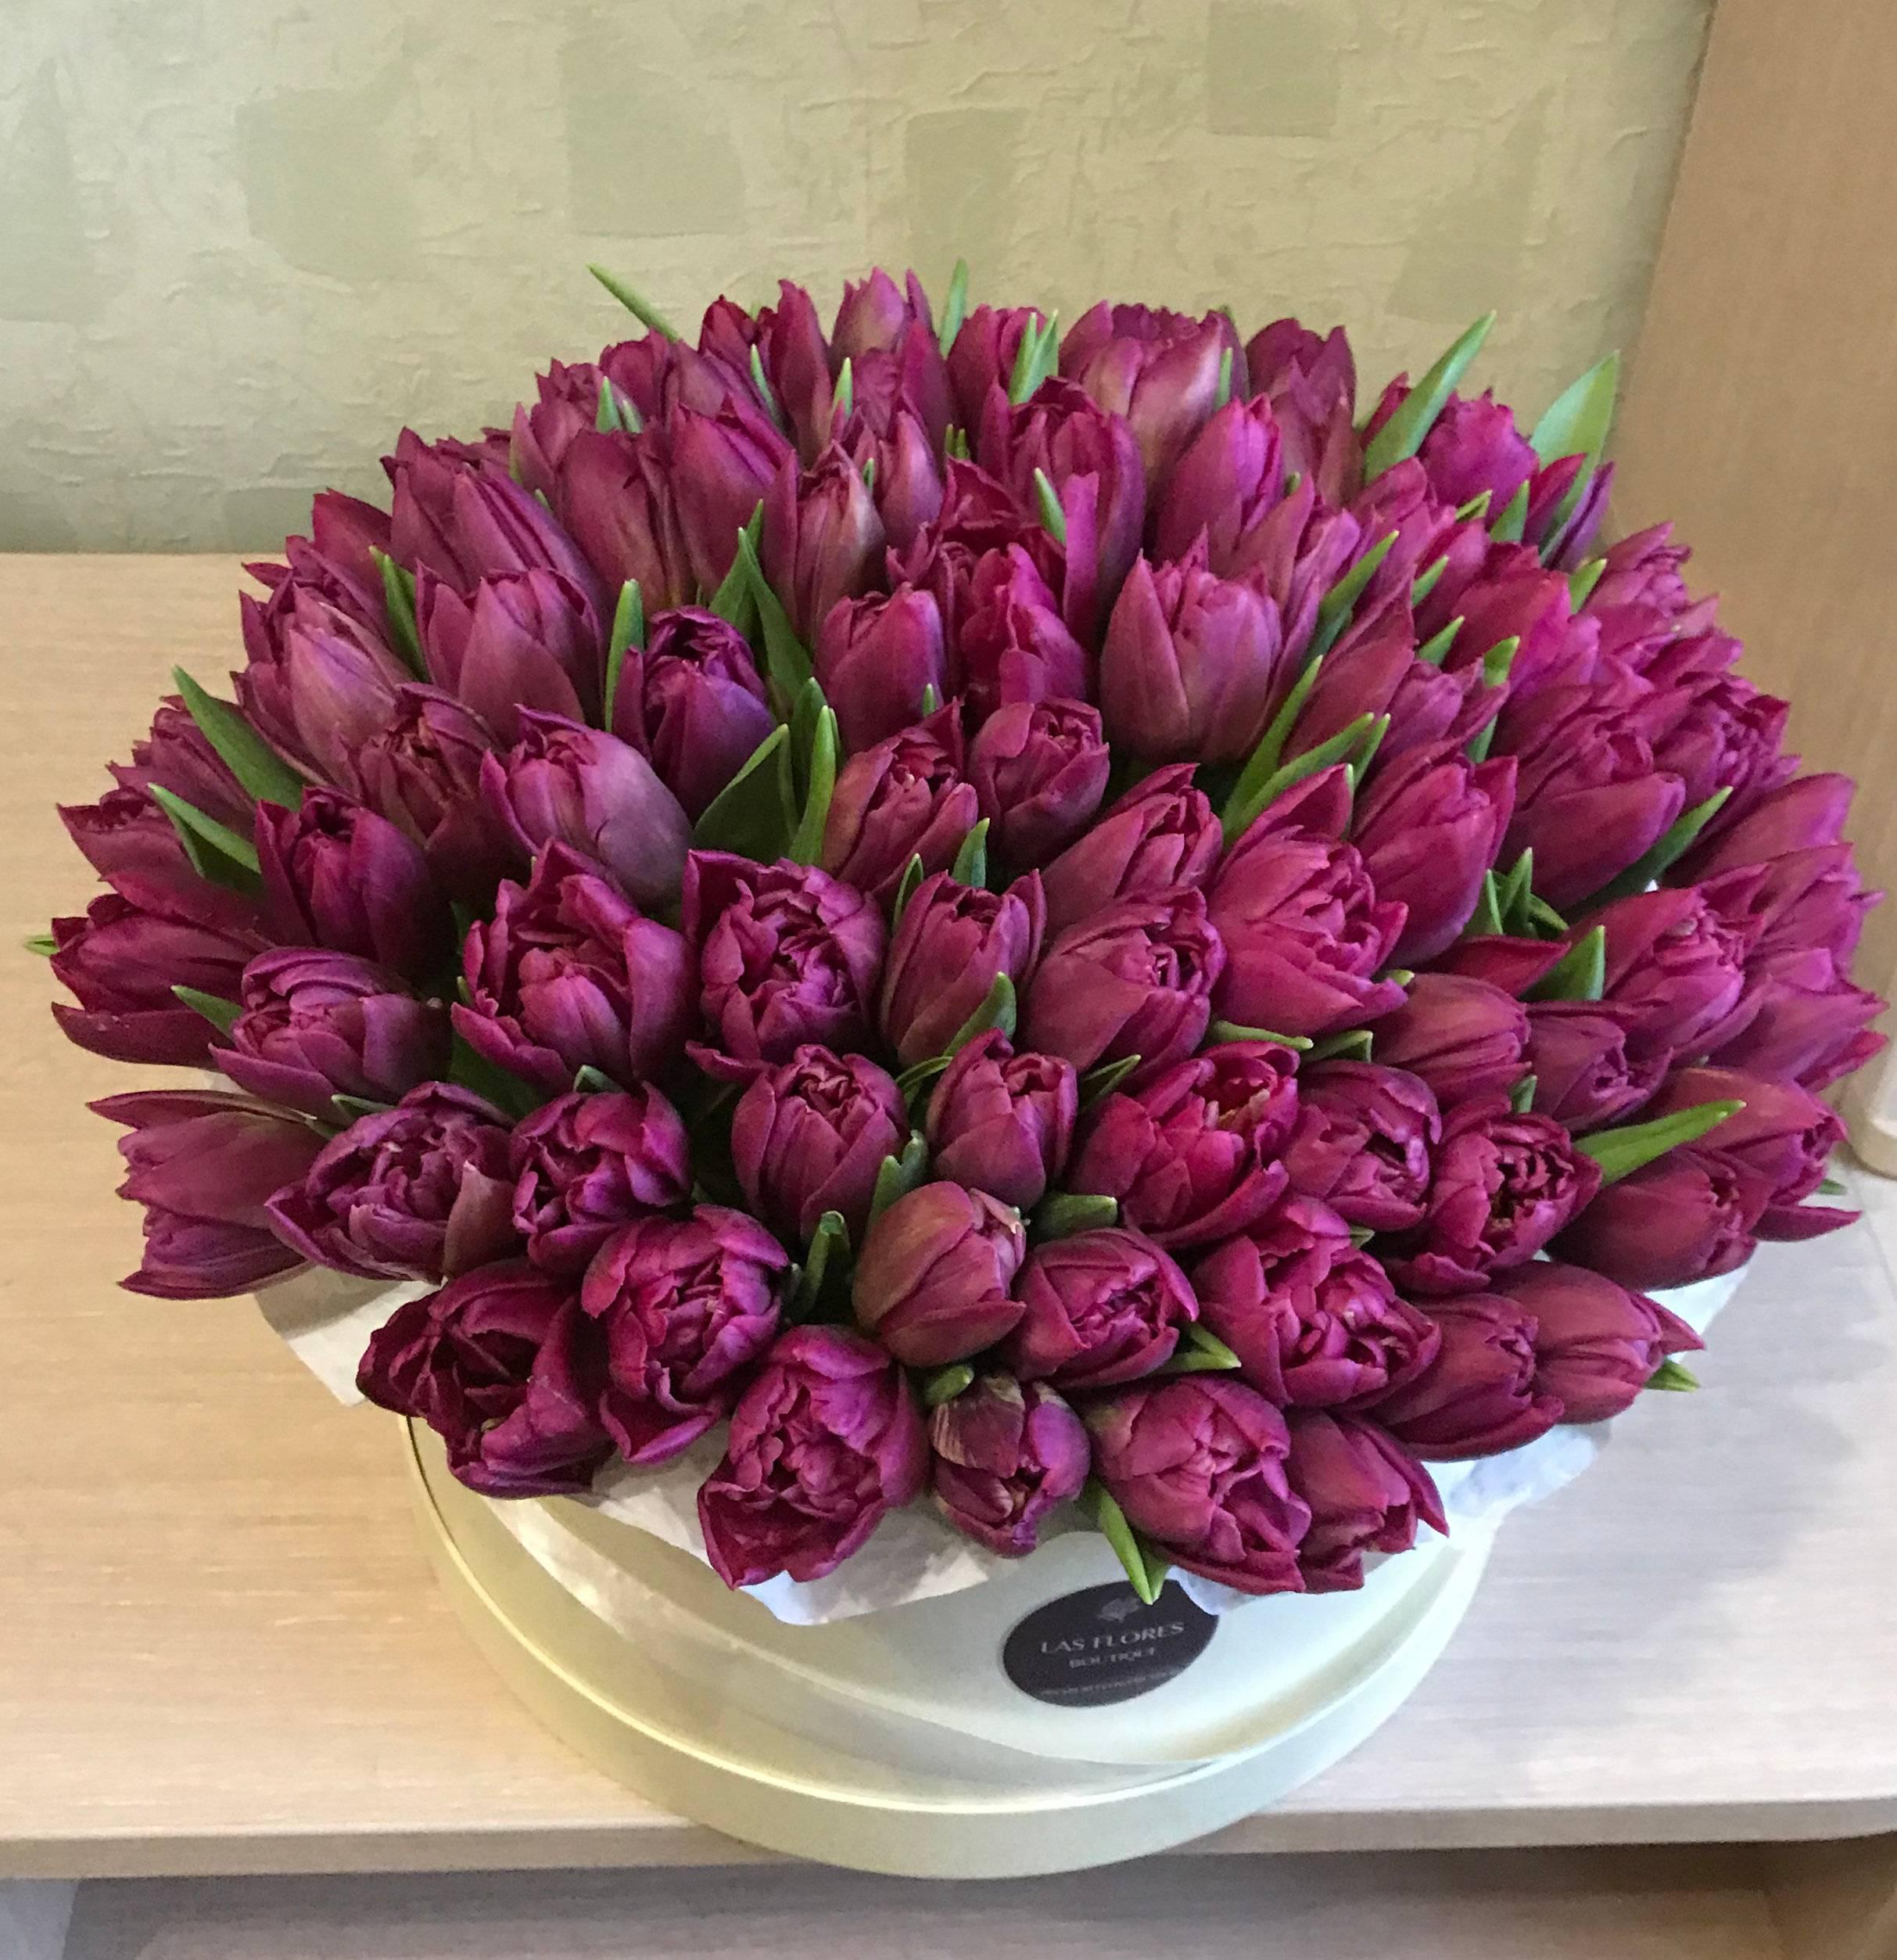 Пионовидные тюльпаны – как ухаживать и пересаживать, использование в ландшафтном дизайне